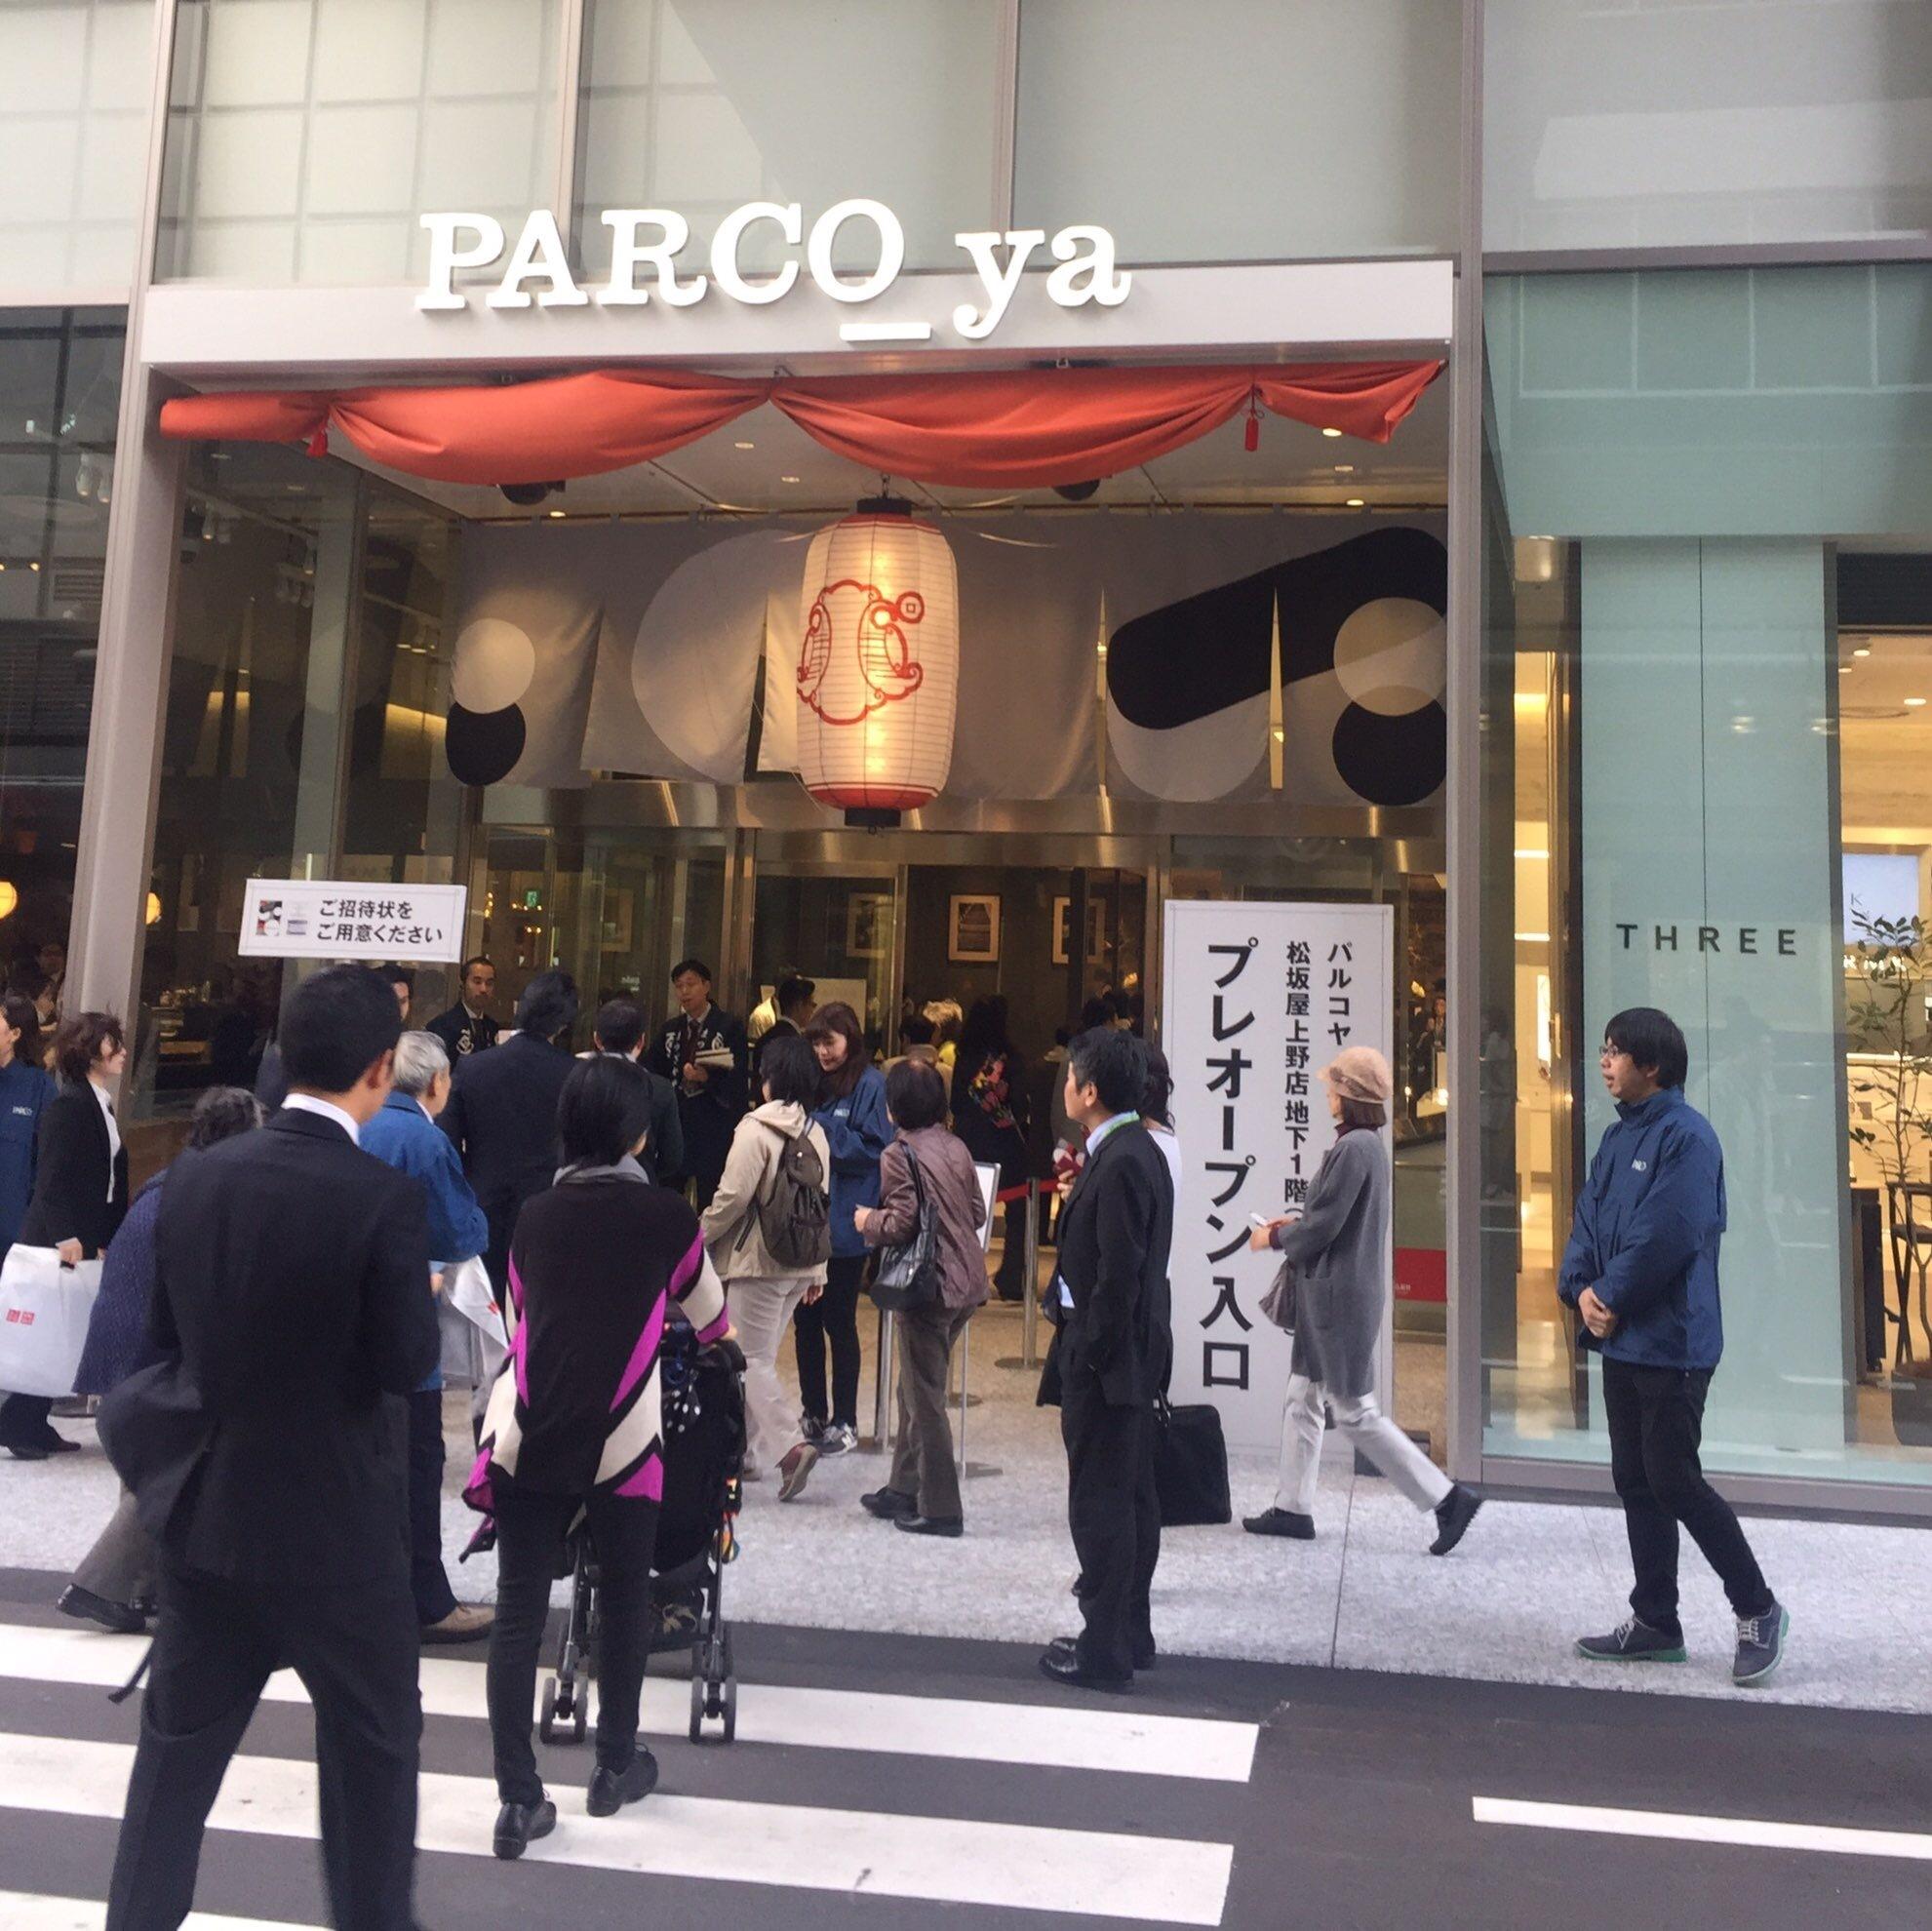 PARCO_ya ???_1_1-2